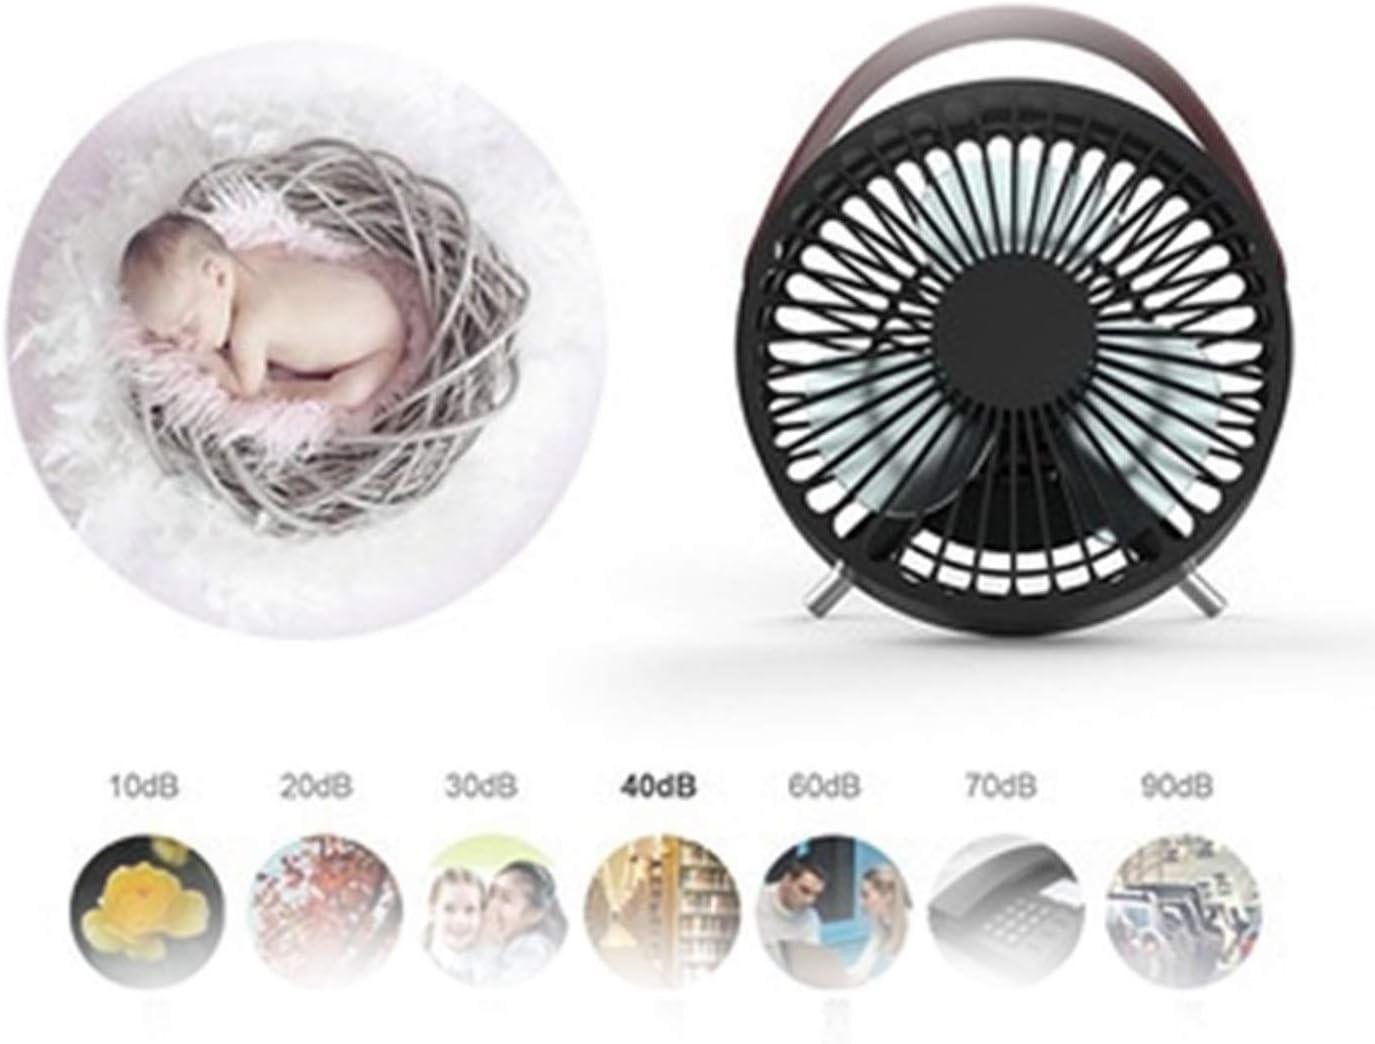 Mini Portable Cooling Fan Small Fan Desktop USB Silent Charging Fan Strong Wind Mini Birthday Gift Fan Color : Black